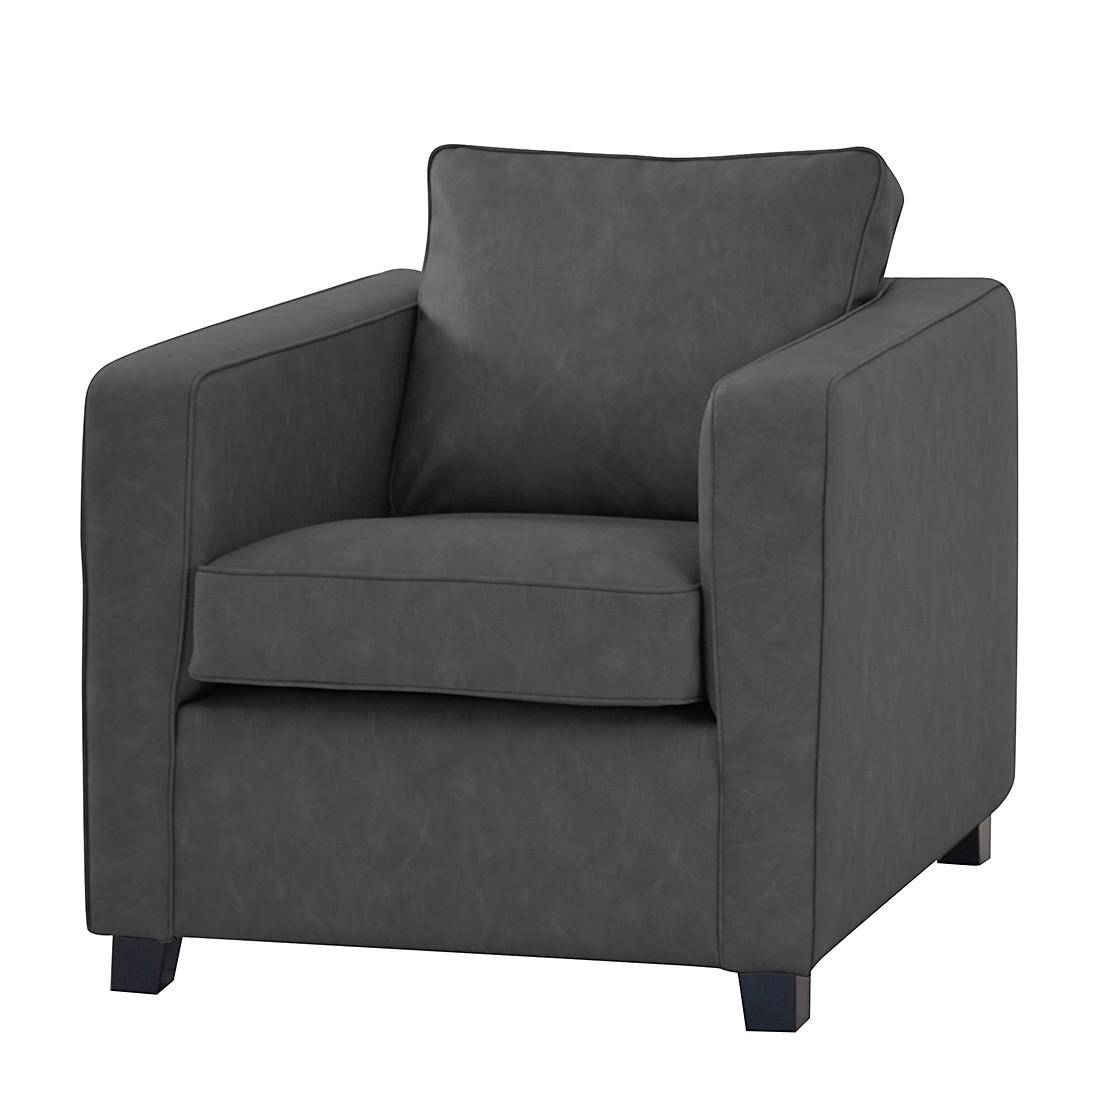 sessel kunstleder anthrazit williamflooring. Black Bedroom Furniture Sets. Home Design Ideas